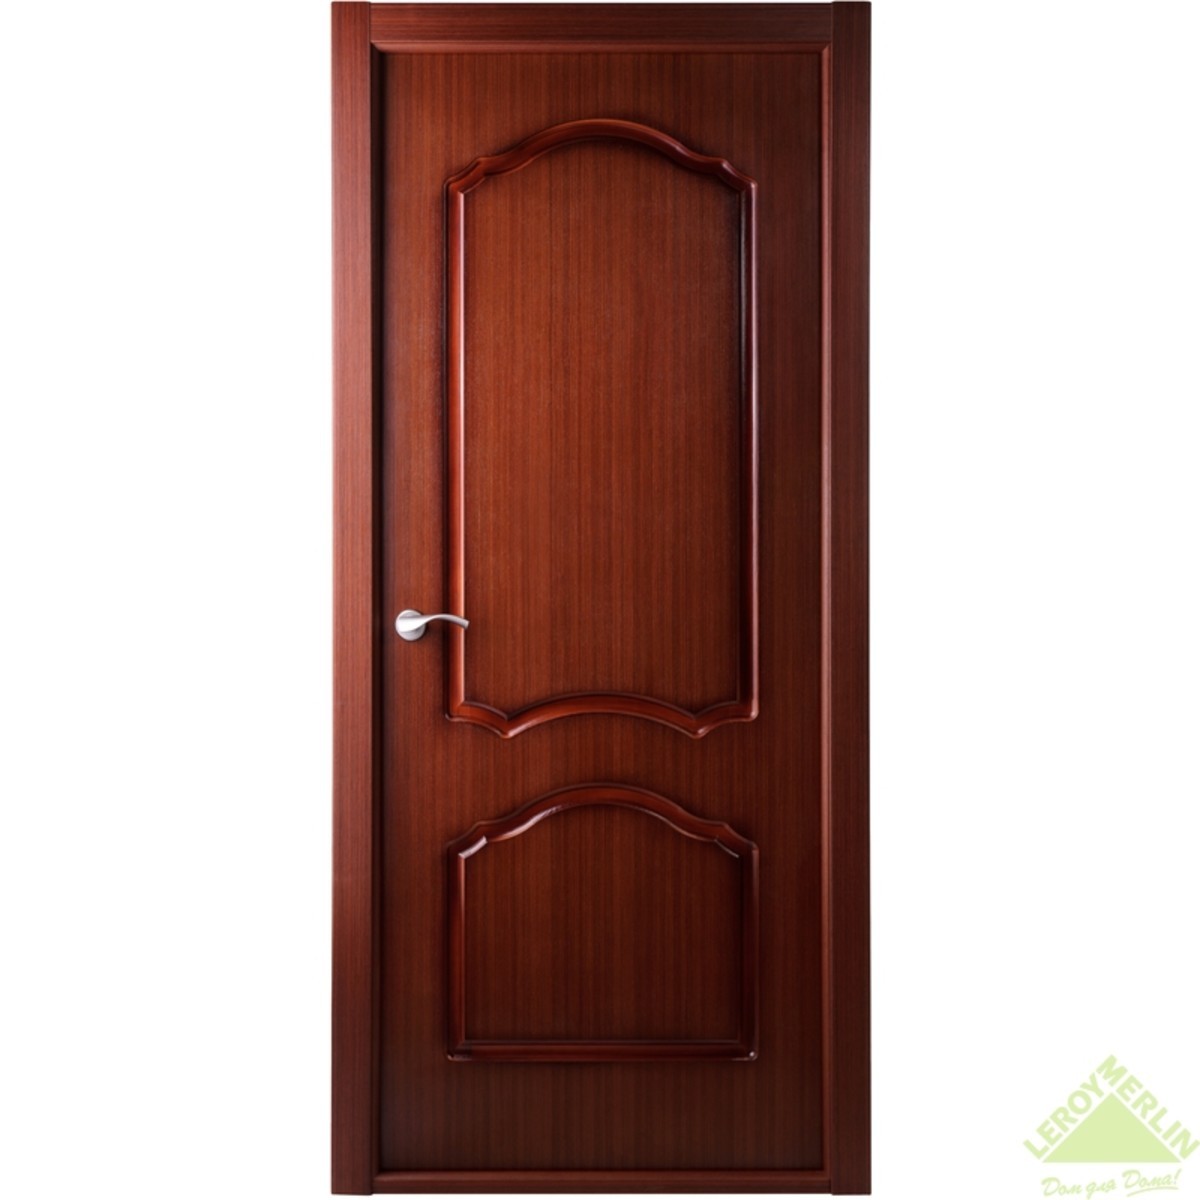 Дверь Межкомнатная Глухая Каролина 60x200 Ламинация Цвет Красное Дерево